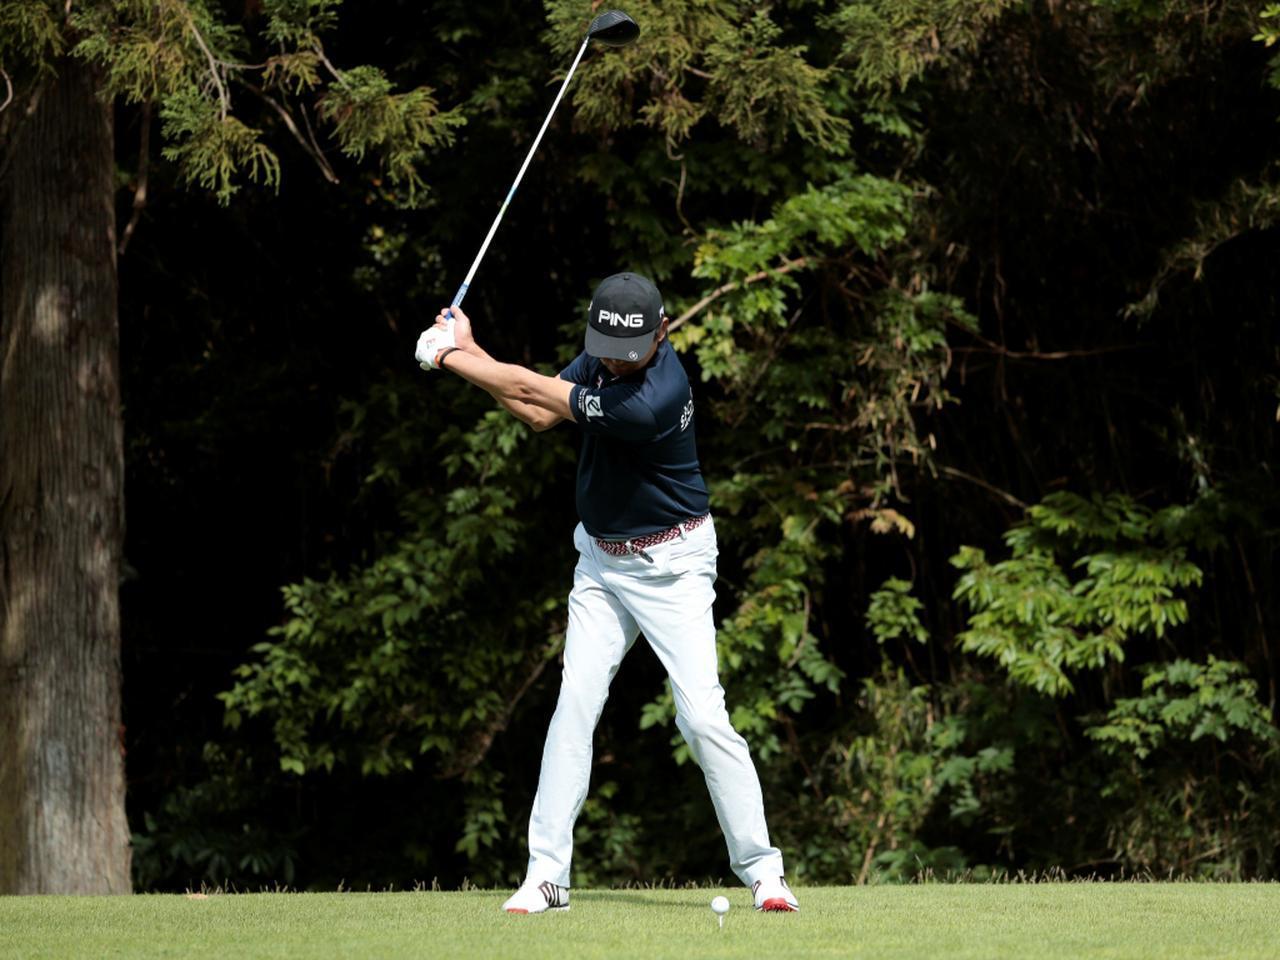 画像3: 【ヒールを喰わないドライバー】マン振りしても芯に当たる! ヘッドスピード40m/s前後のゴルファーの飛距離をアップさせるカスタムモデルが登場